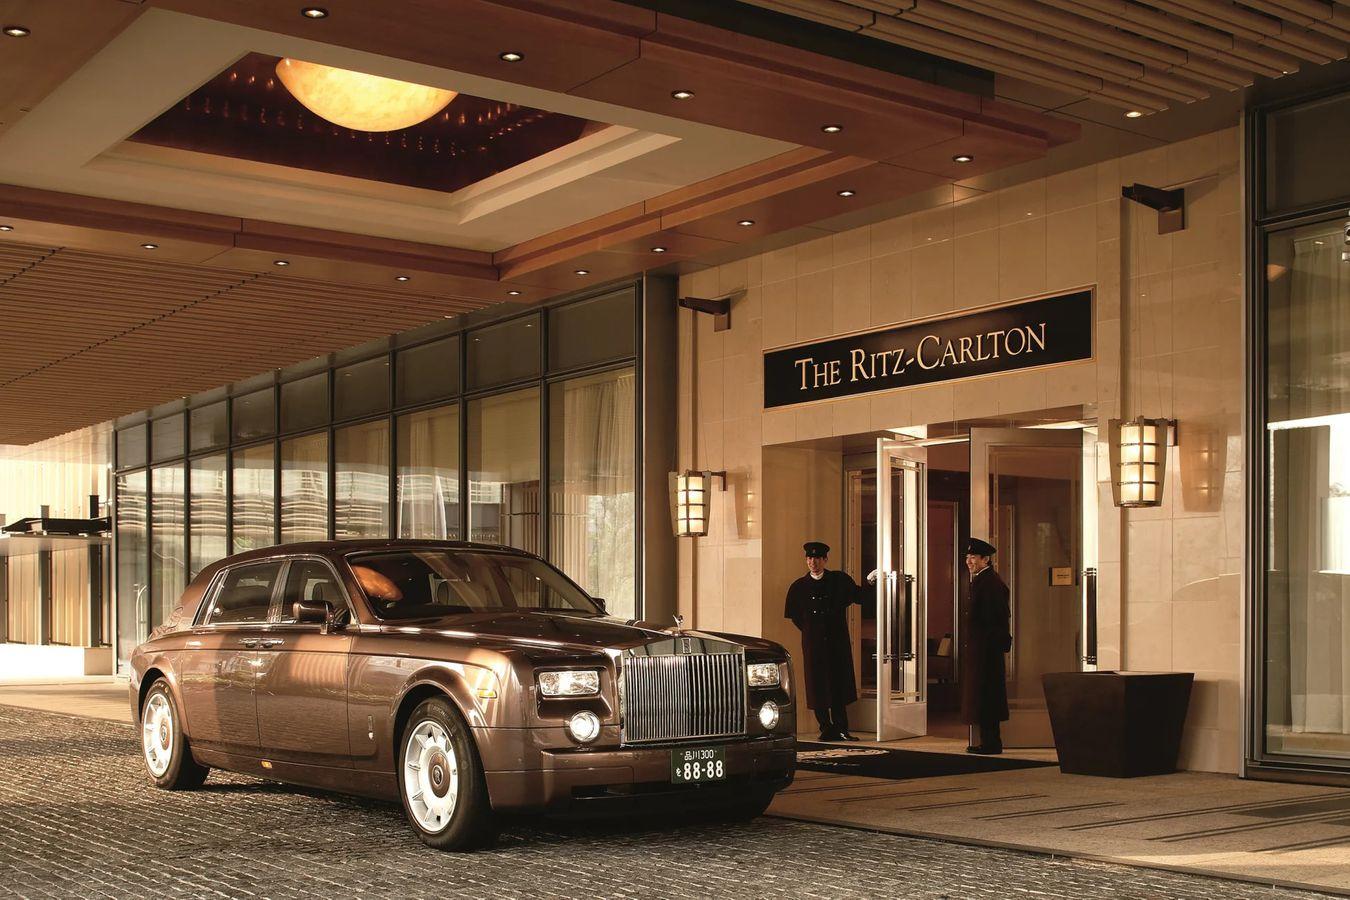 Masterise D'. San Raffles là dự án căn hộ siêu sang được vận hành và quản lý bởi The Ritz Carlton.